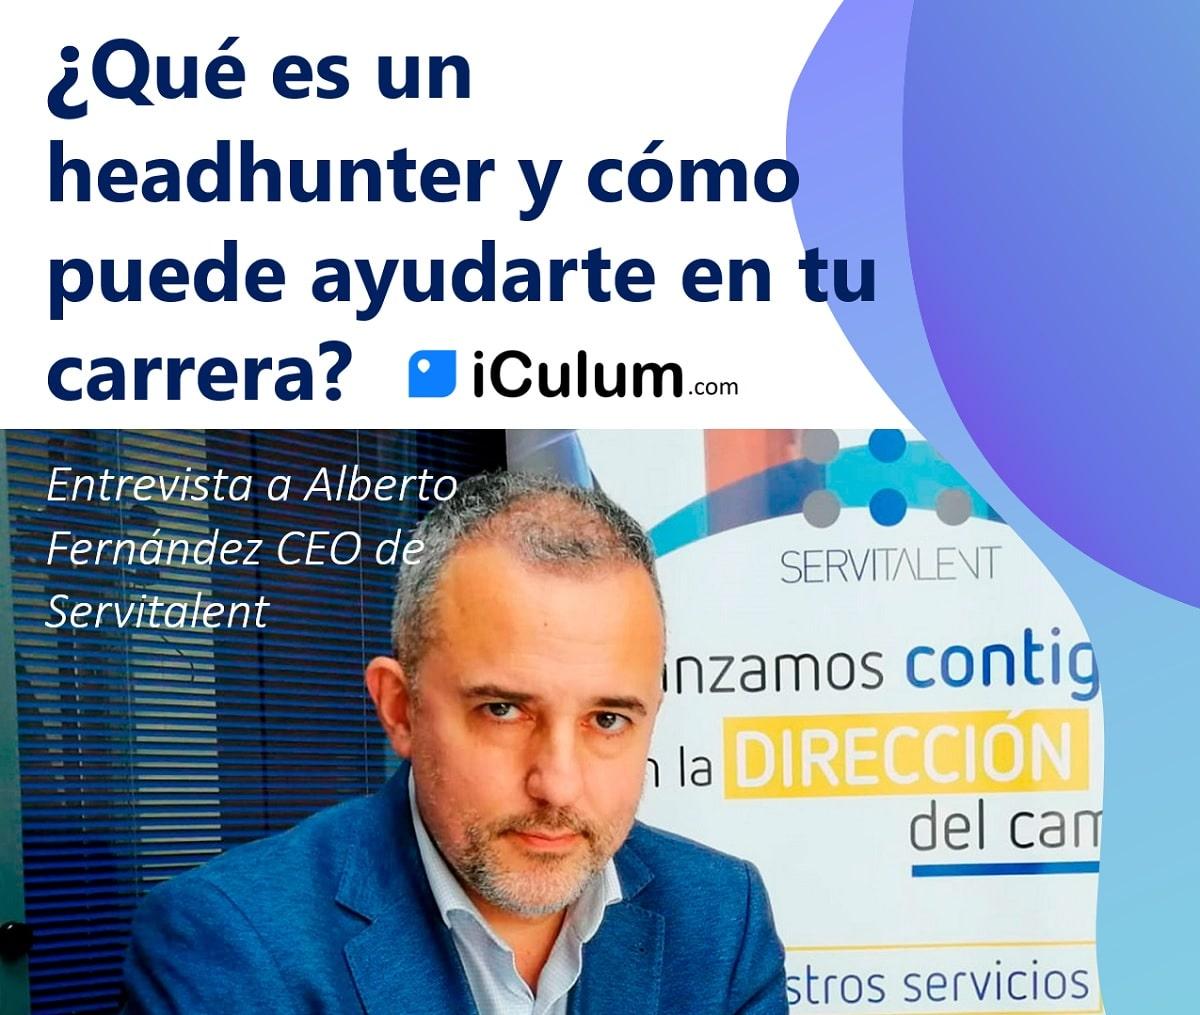 headhunter iculum servitalent Alberto Fernandez